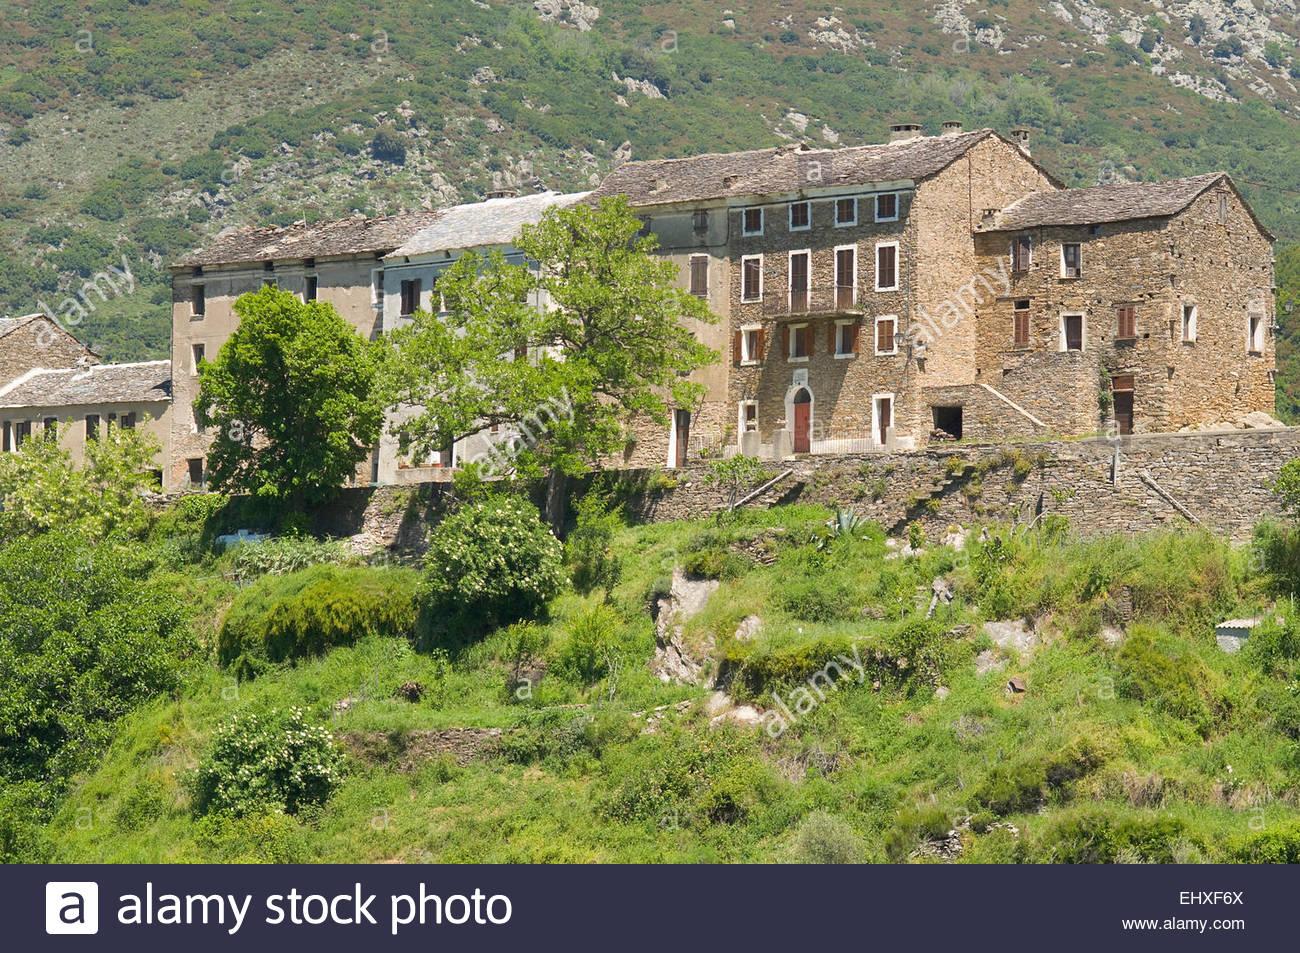 Case Di Montagna In Pietra : Vecchie case di pietra corsica montagna villaggio foto immagine